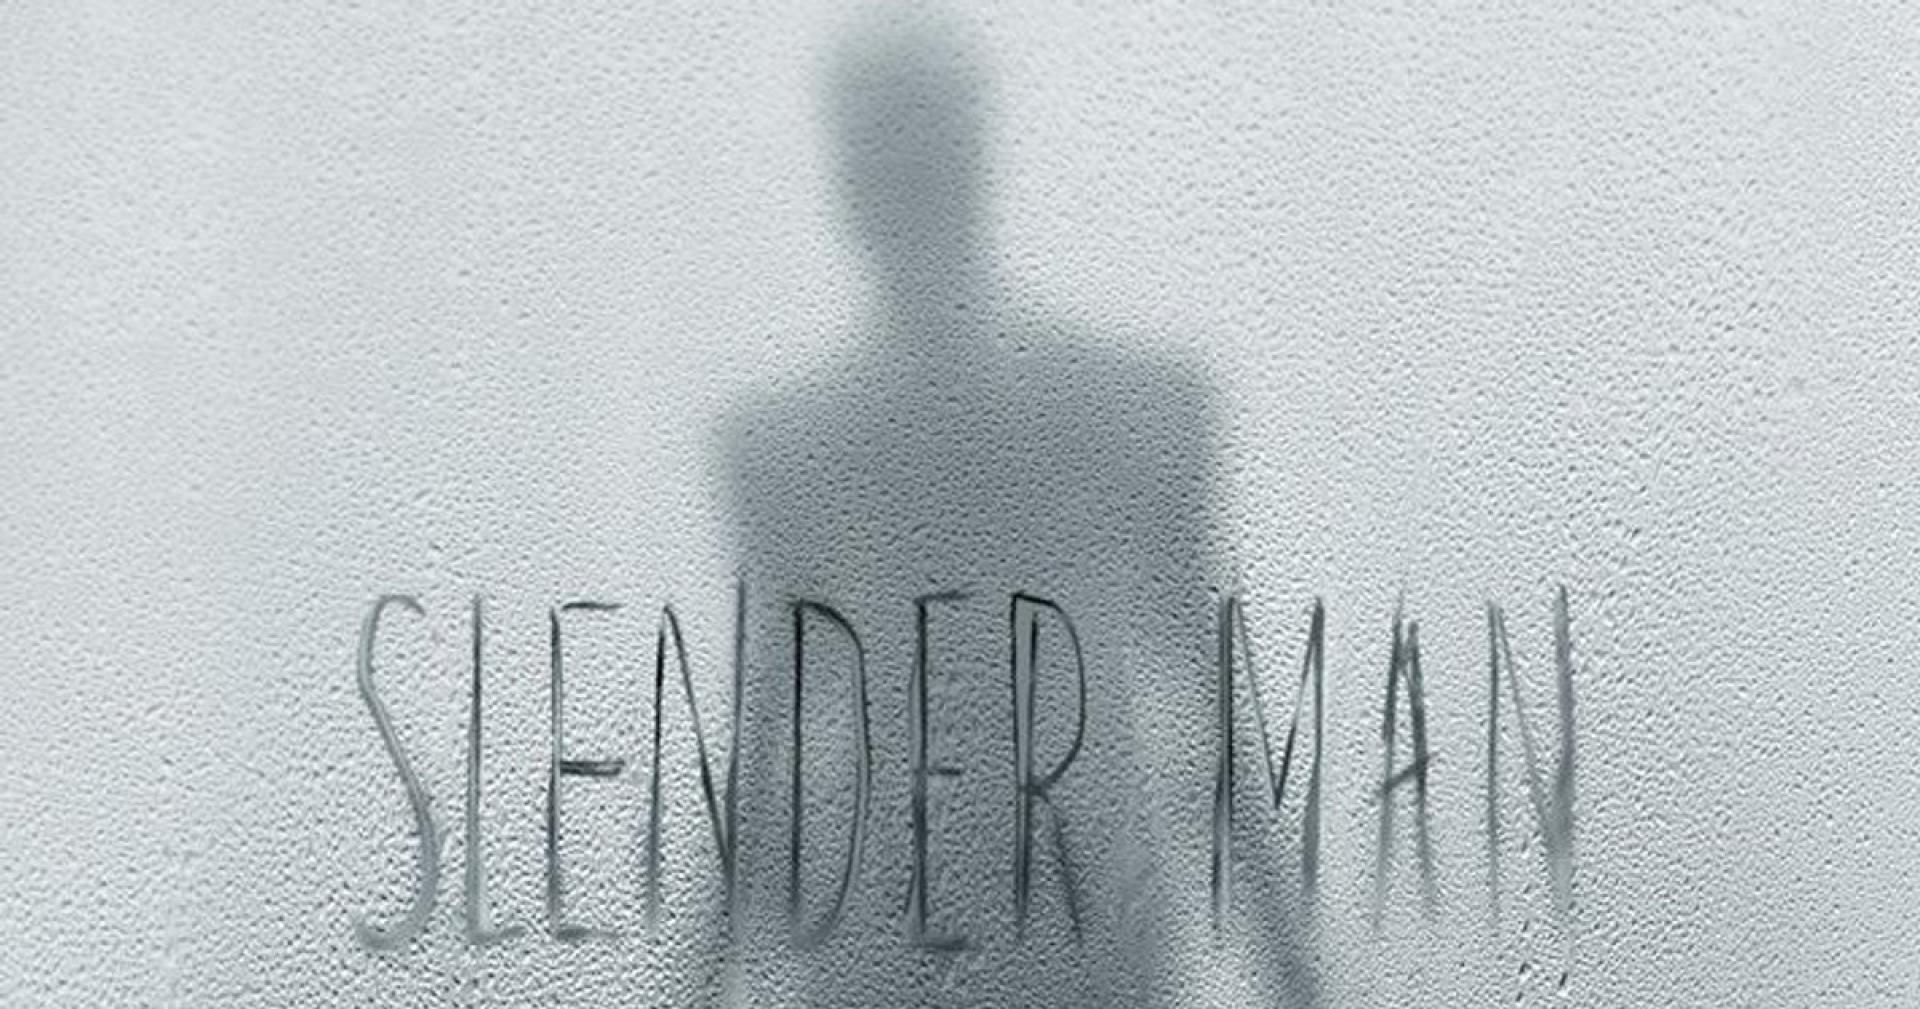 Slender Man - Az ismeretlen rém (2018)